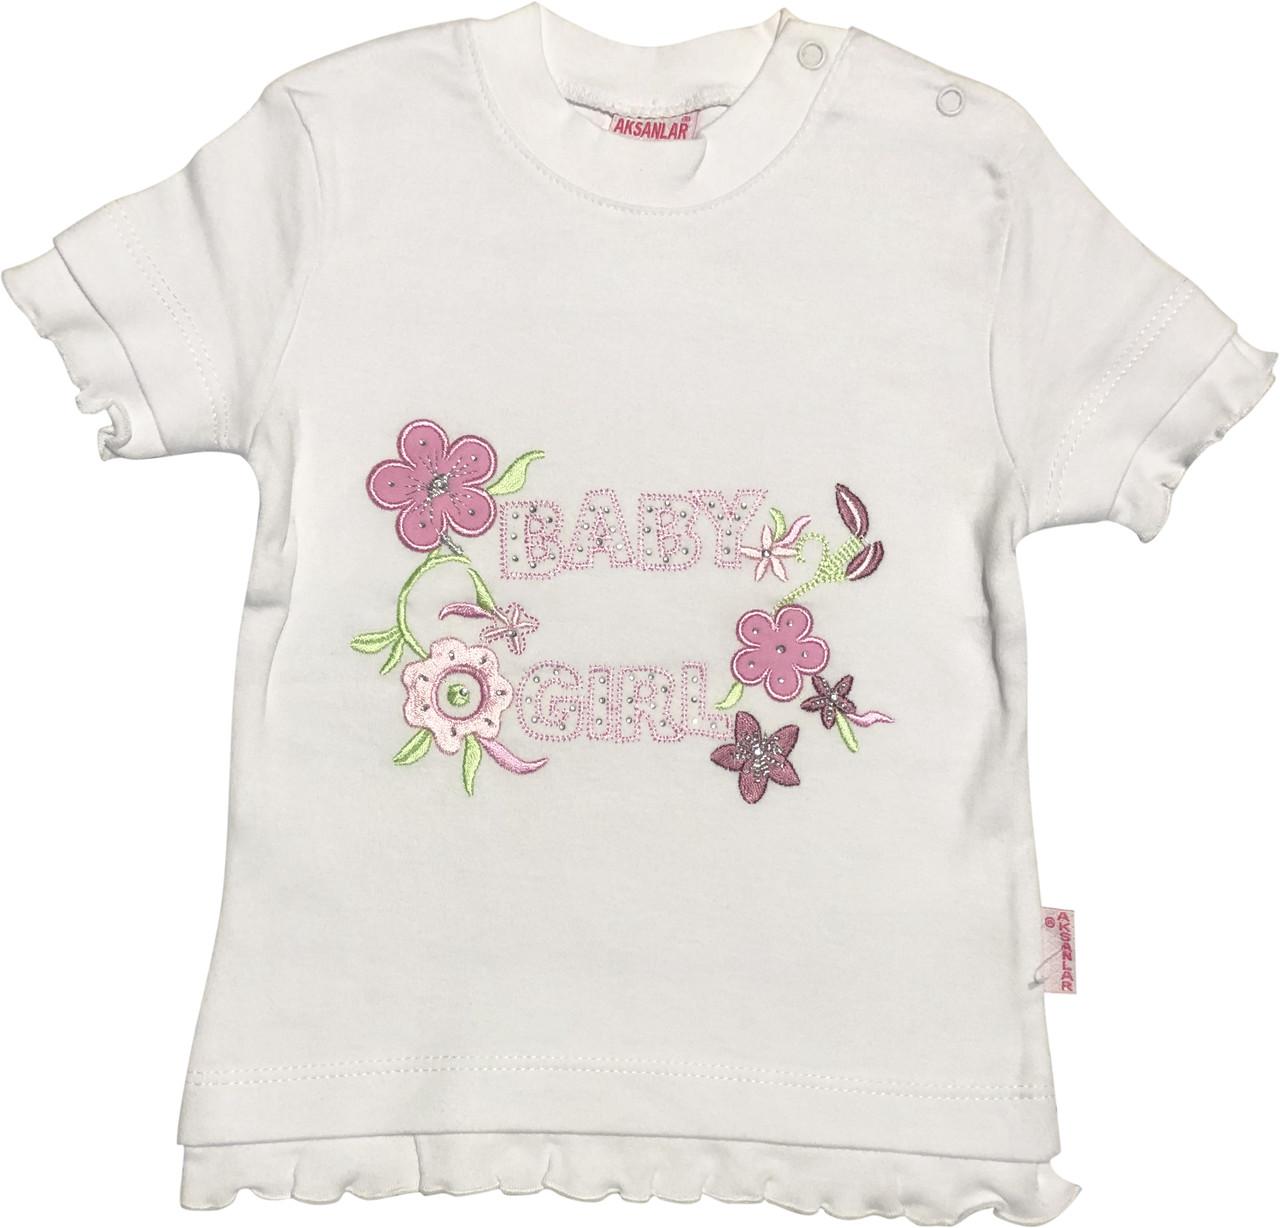 Дитяча футболка на дівчинку ріст 86 1-1,5 року для новонароджених малюків красива ошатна трикотажна біла